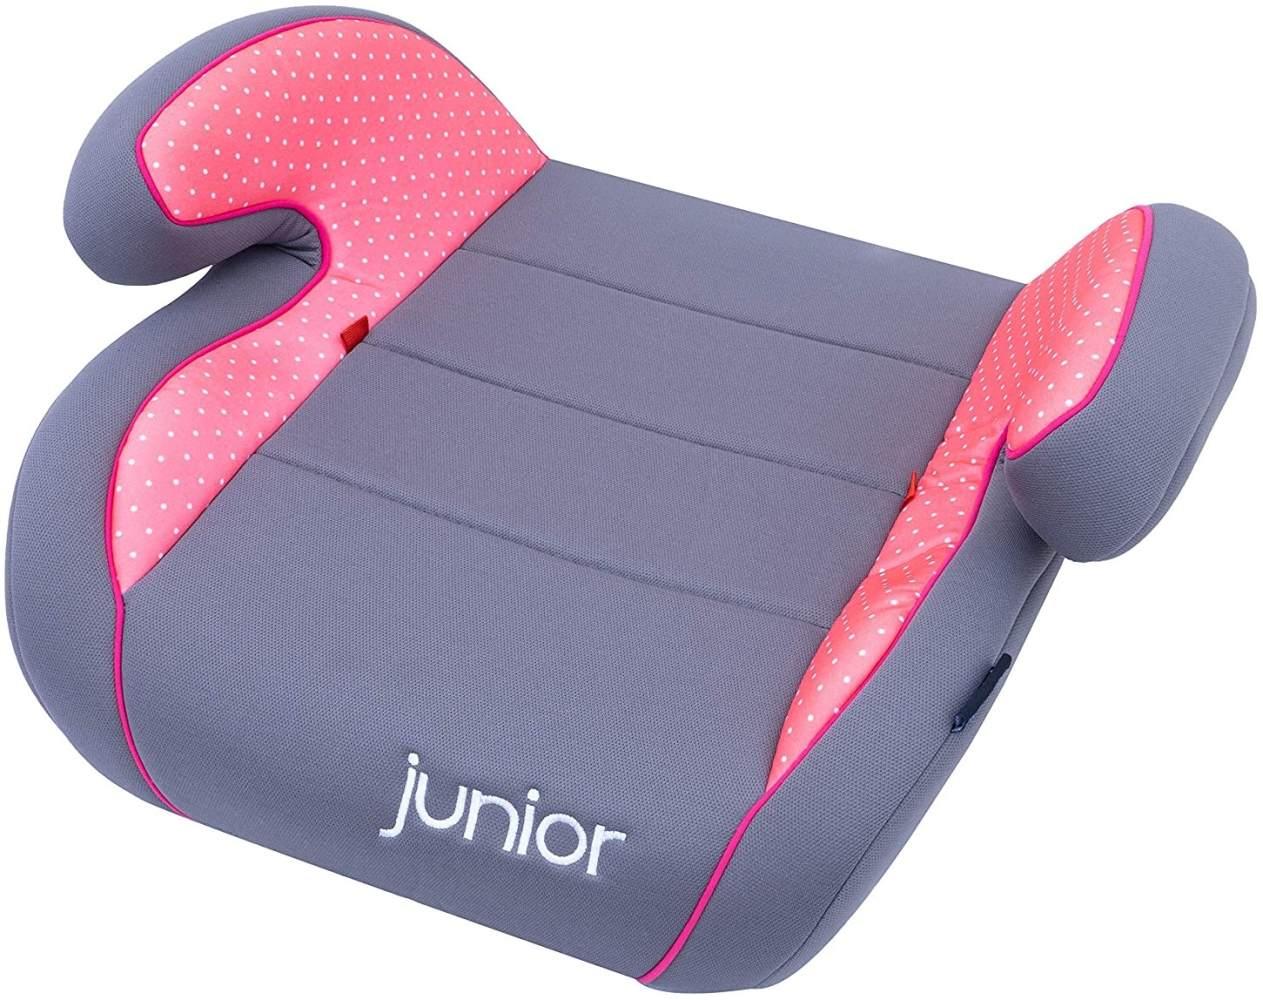 Petex 'Max' Kindersitzerhöhung grau/rosa Bild 1